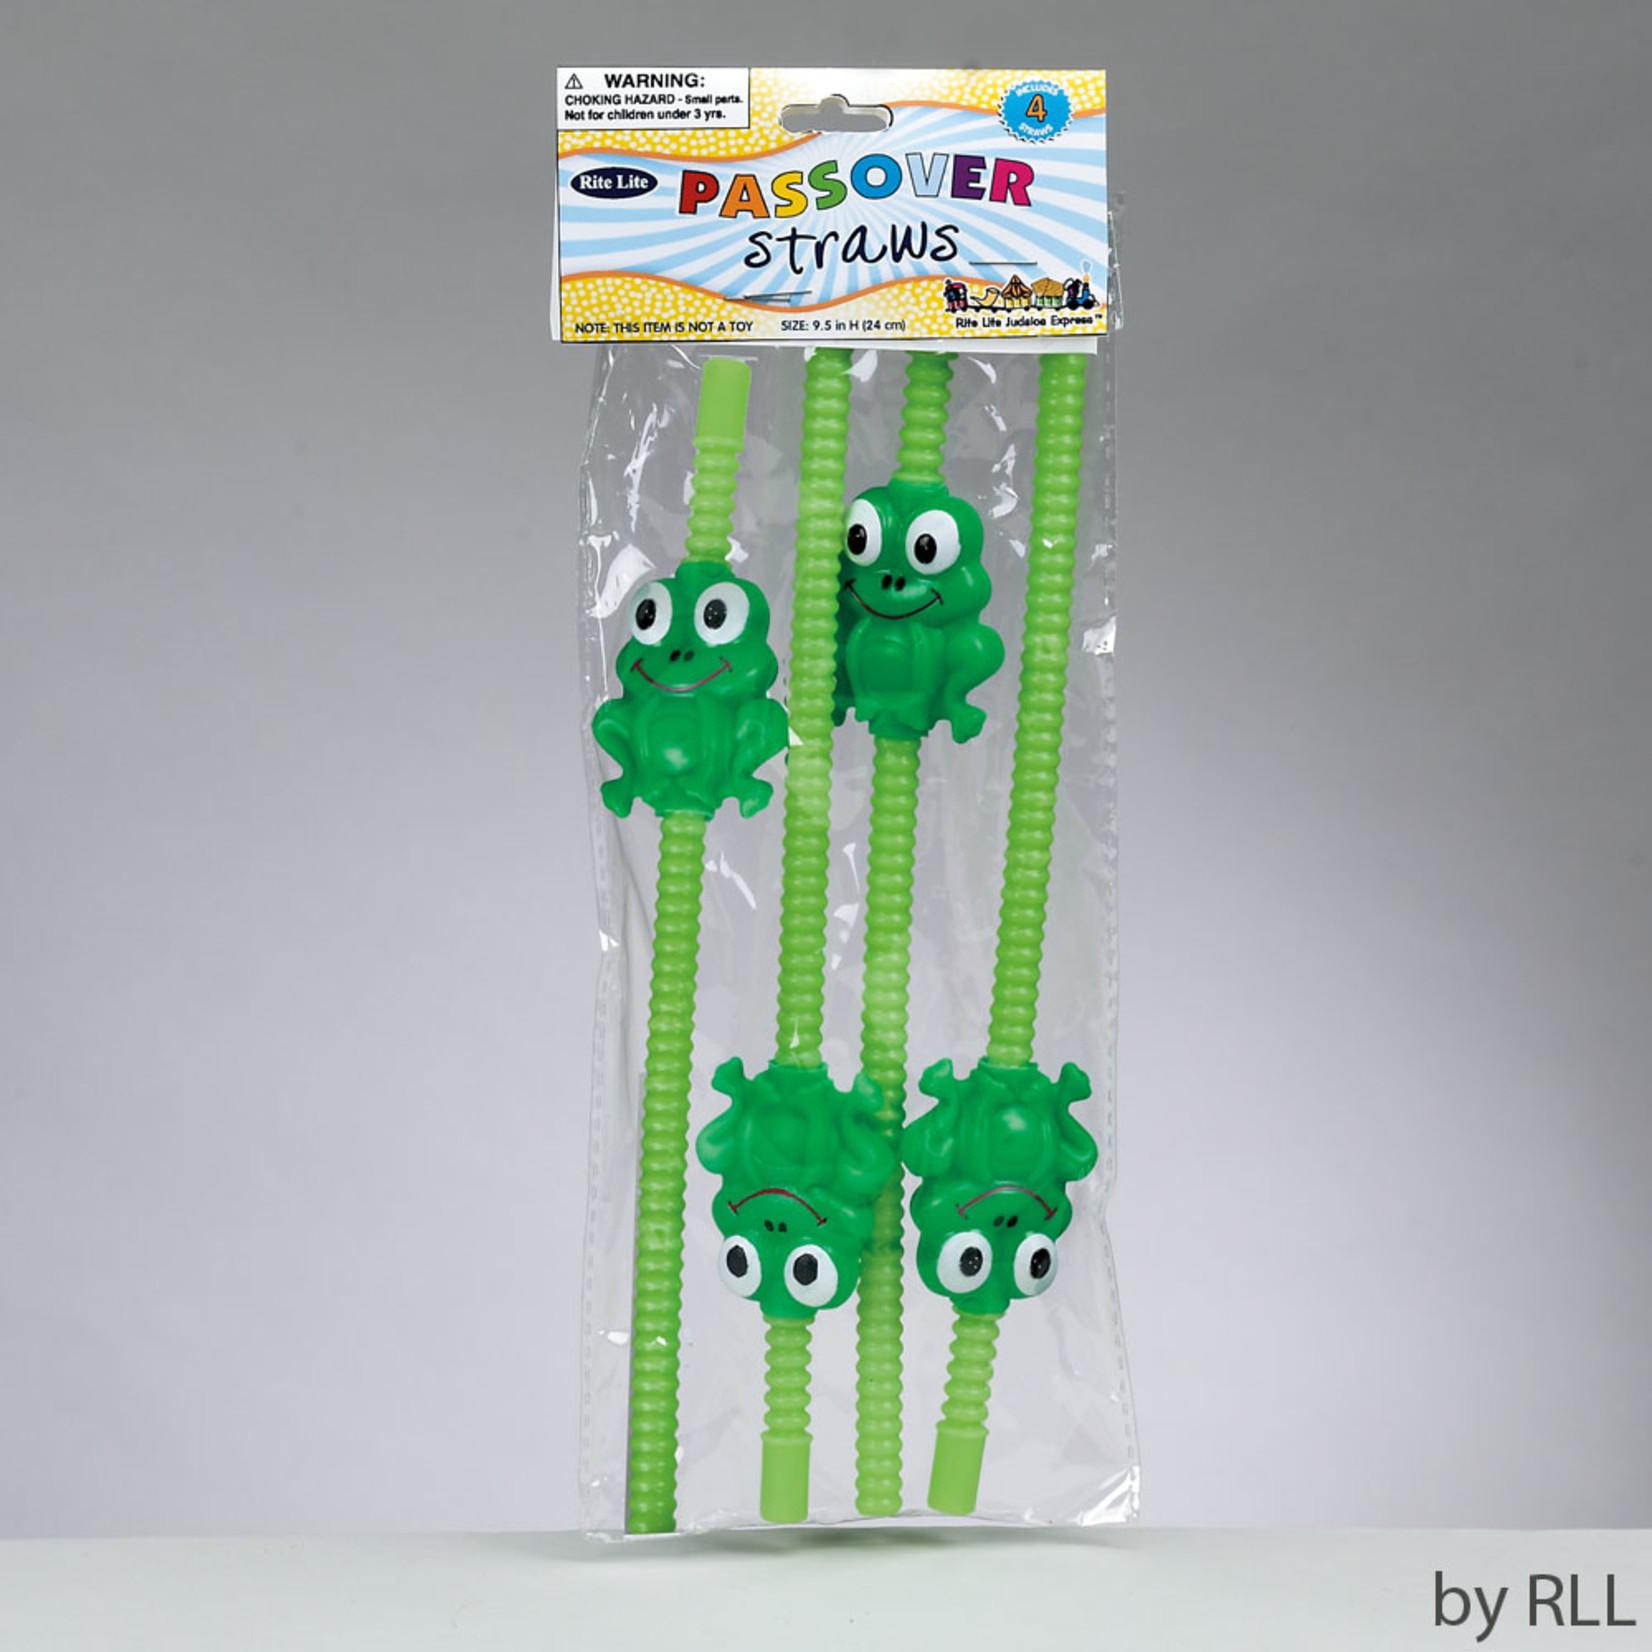 Passover Straws, 4-pack